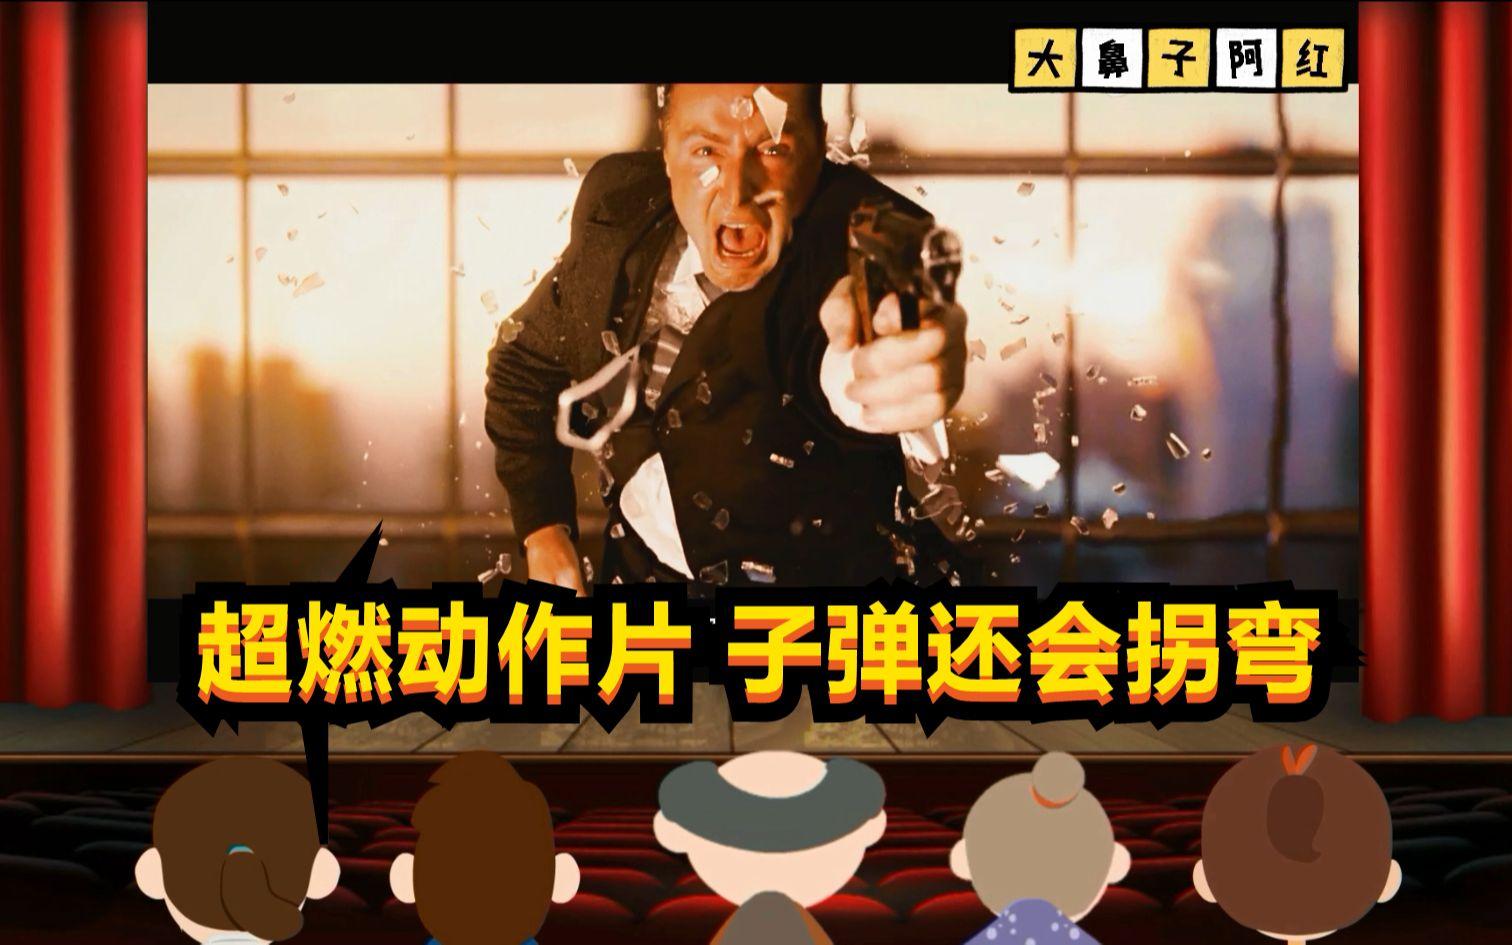 超燃高分动作片《通缉令》阻击枪子弹还会拐弯